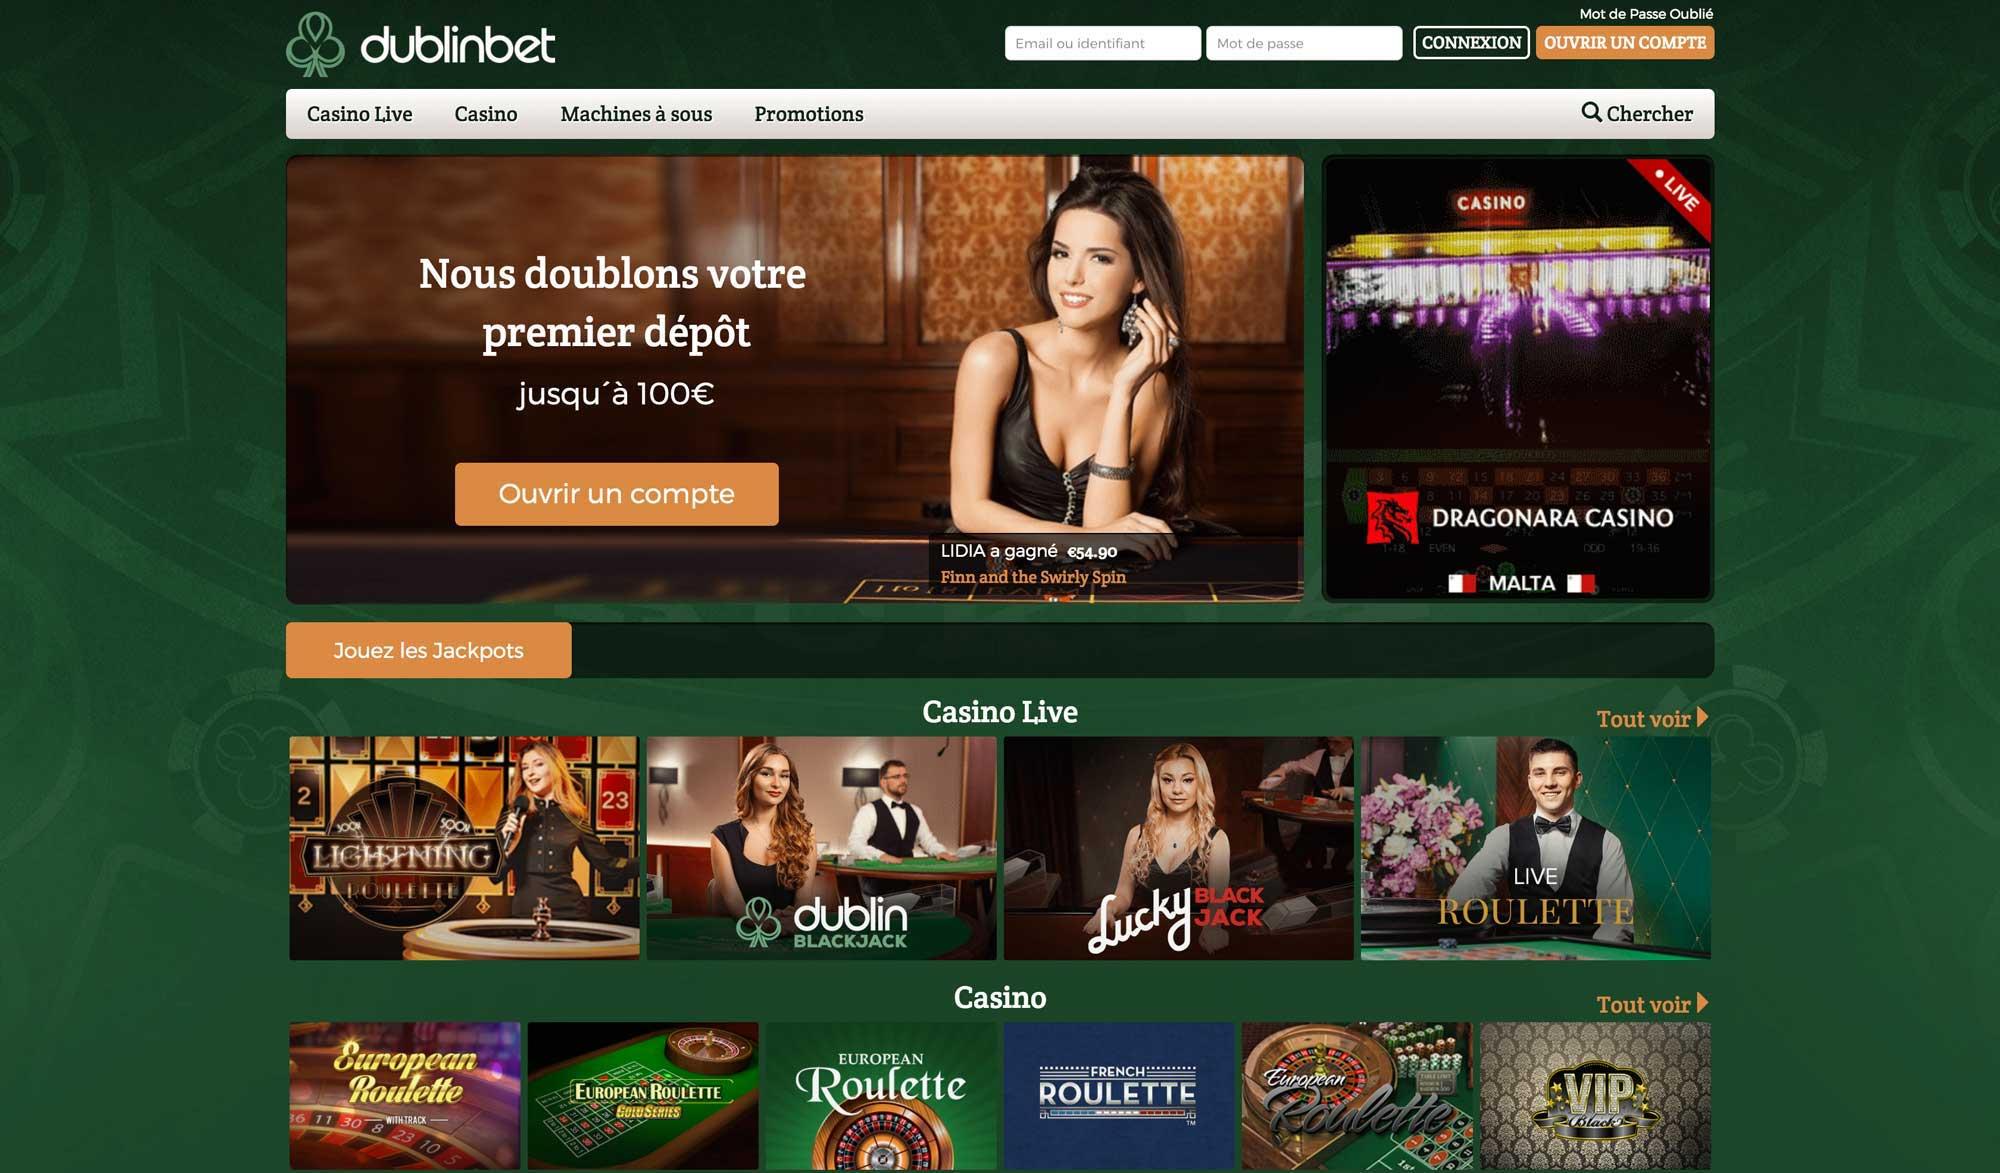 Les utilisateurs de DublinBet peuvent maintenant jouer au blackjack et gagner des points de récompense